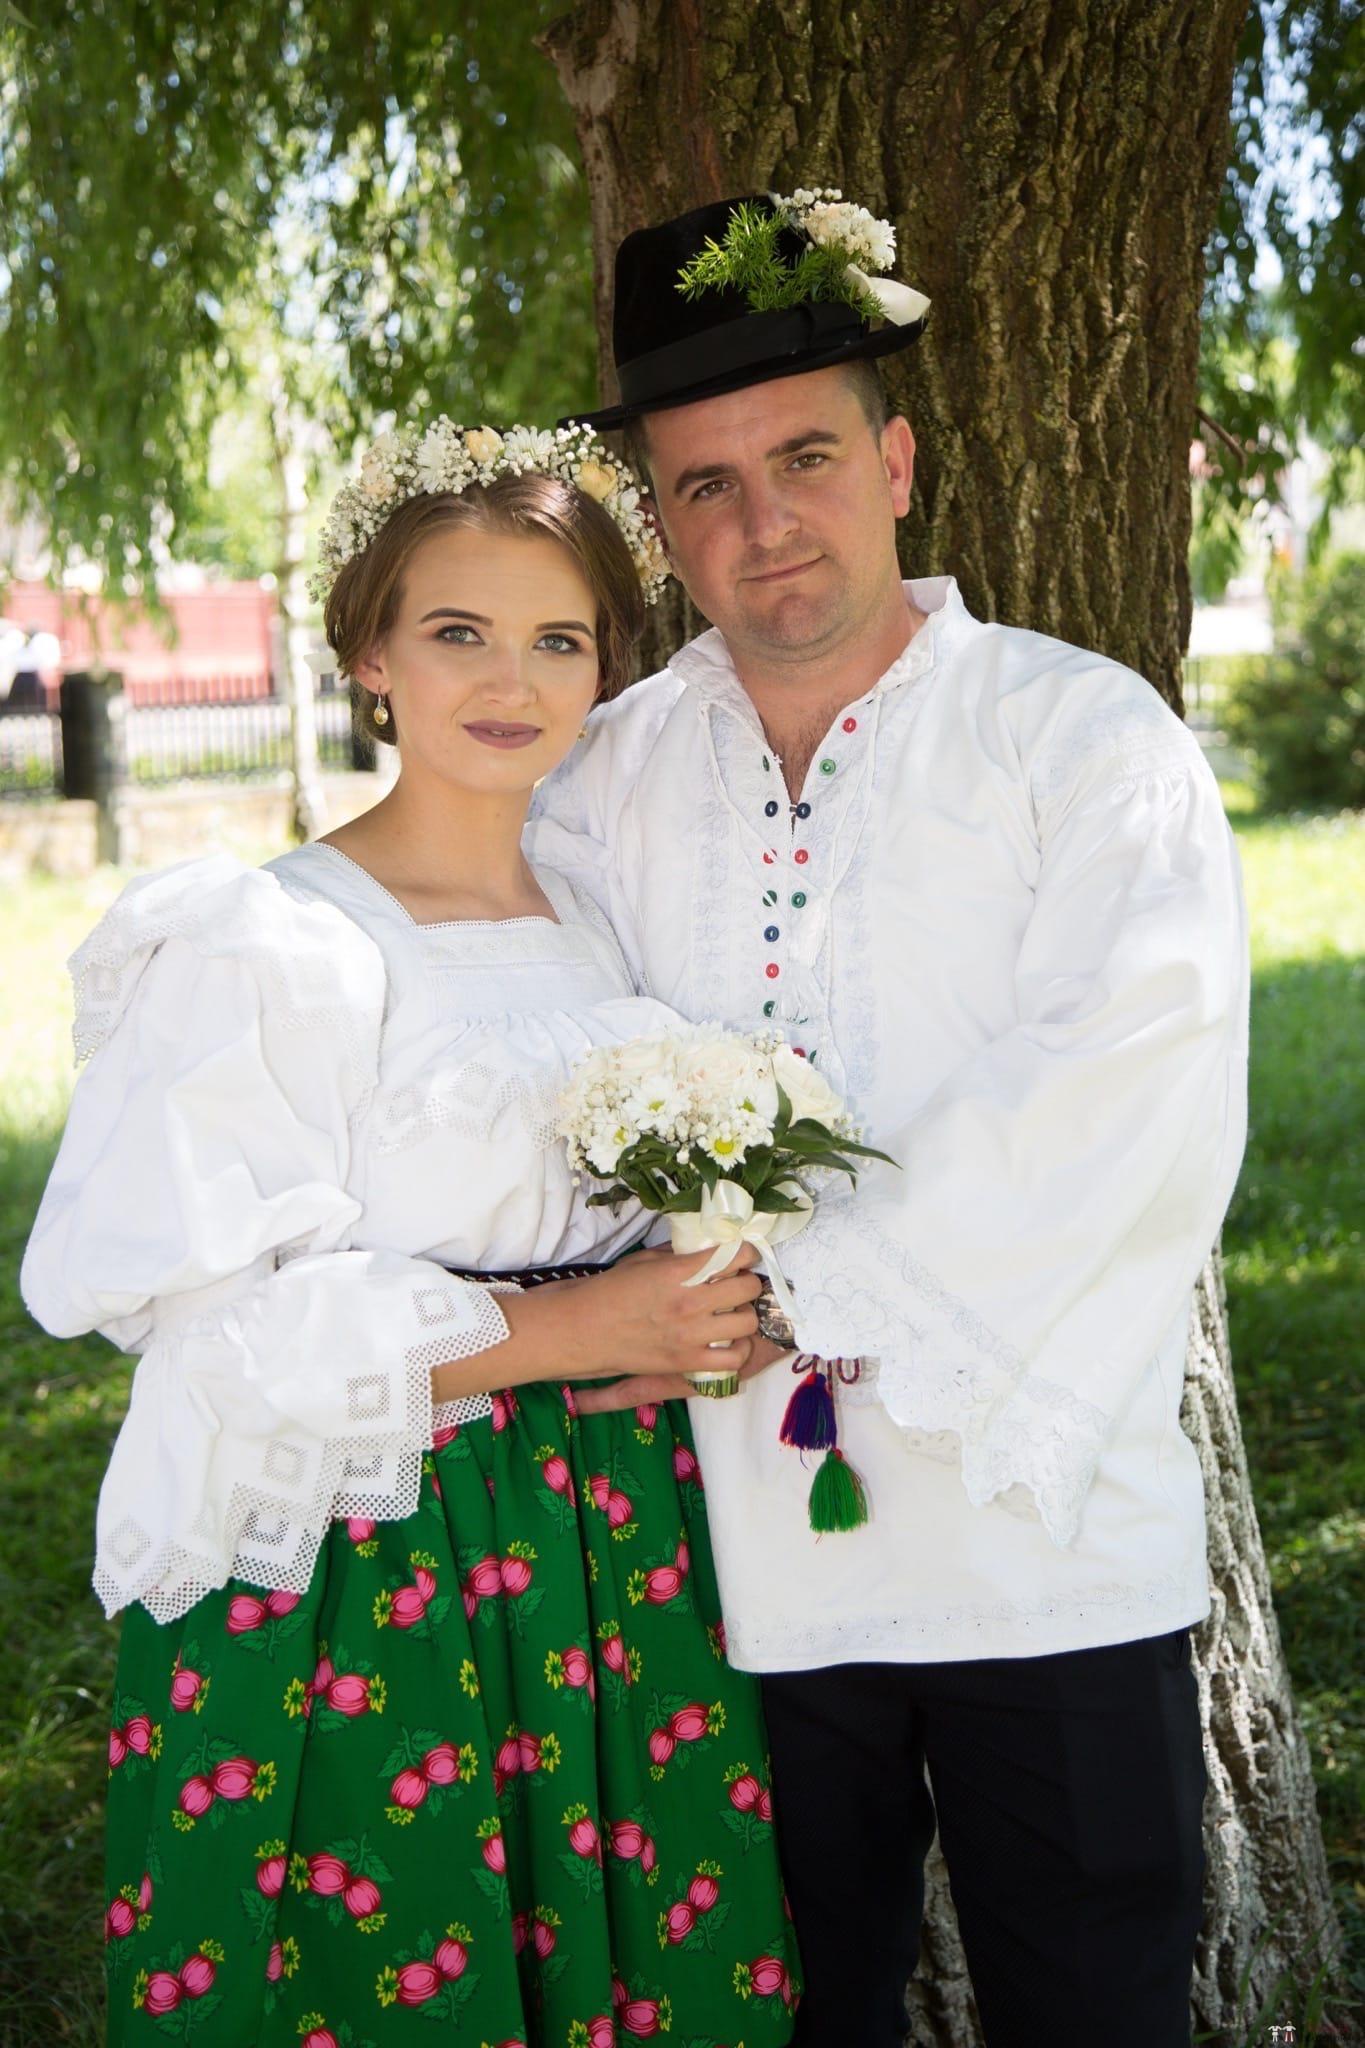 Povești Nunți Tradiționale - Ancuța și Nicu, cununie tradițională în Giulești, Maramureș 34